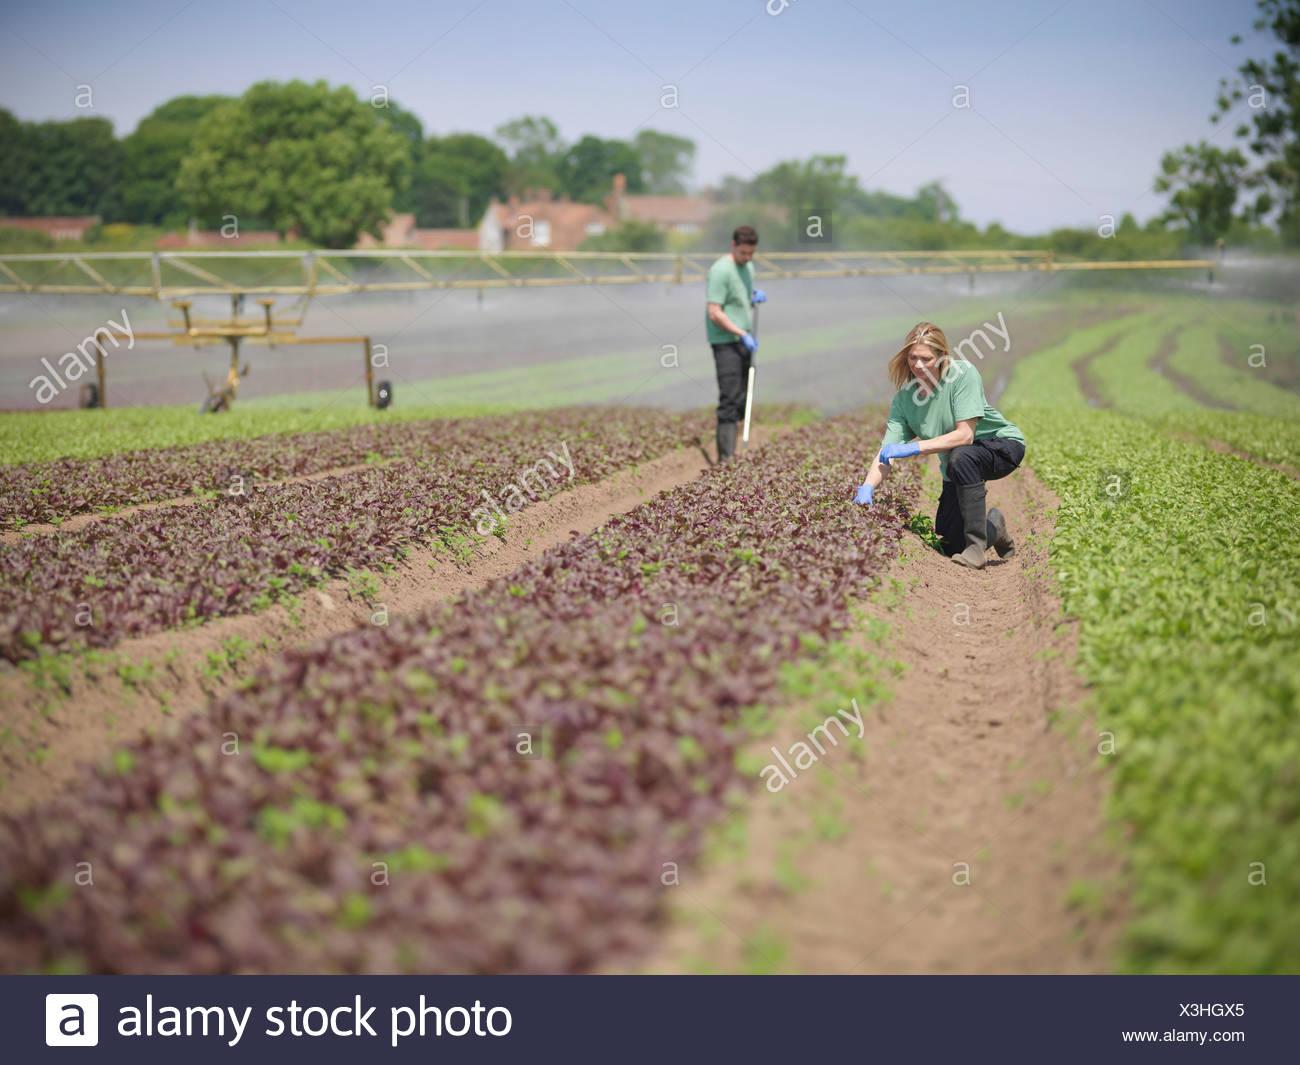 Workers tending to salad crop - Stock Image